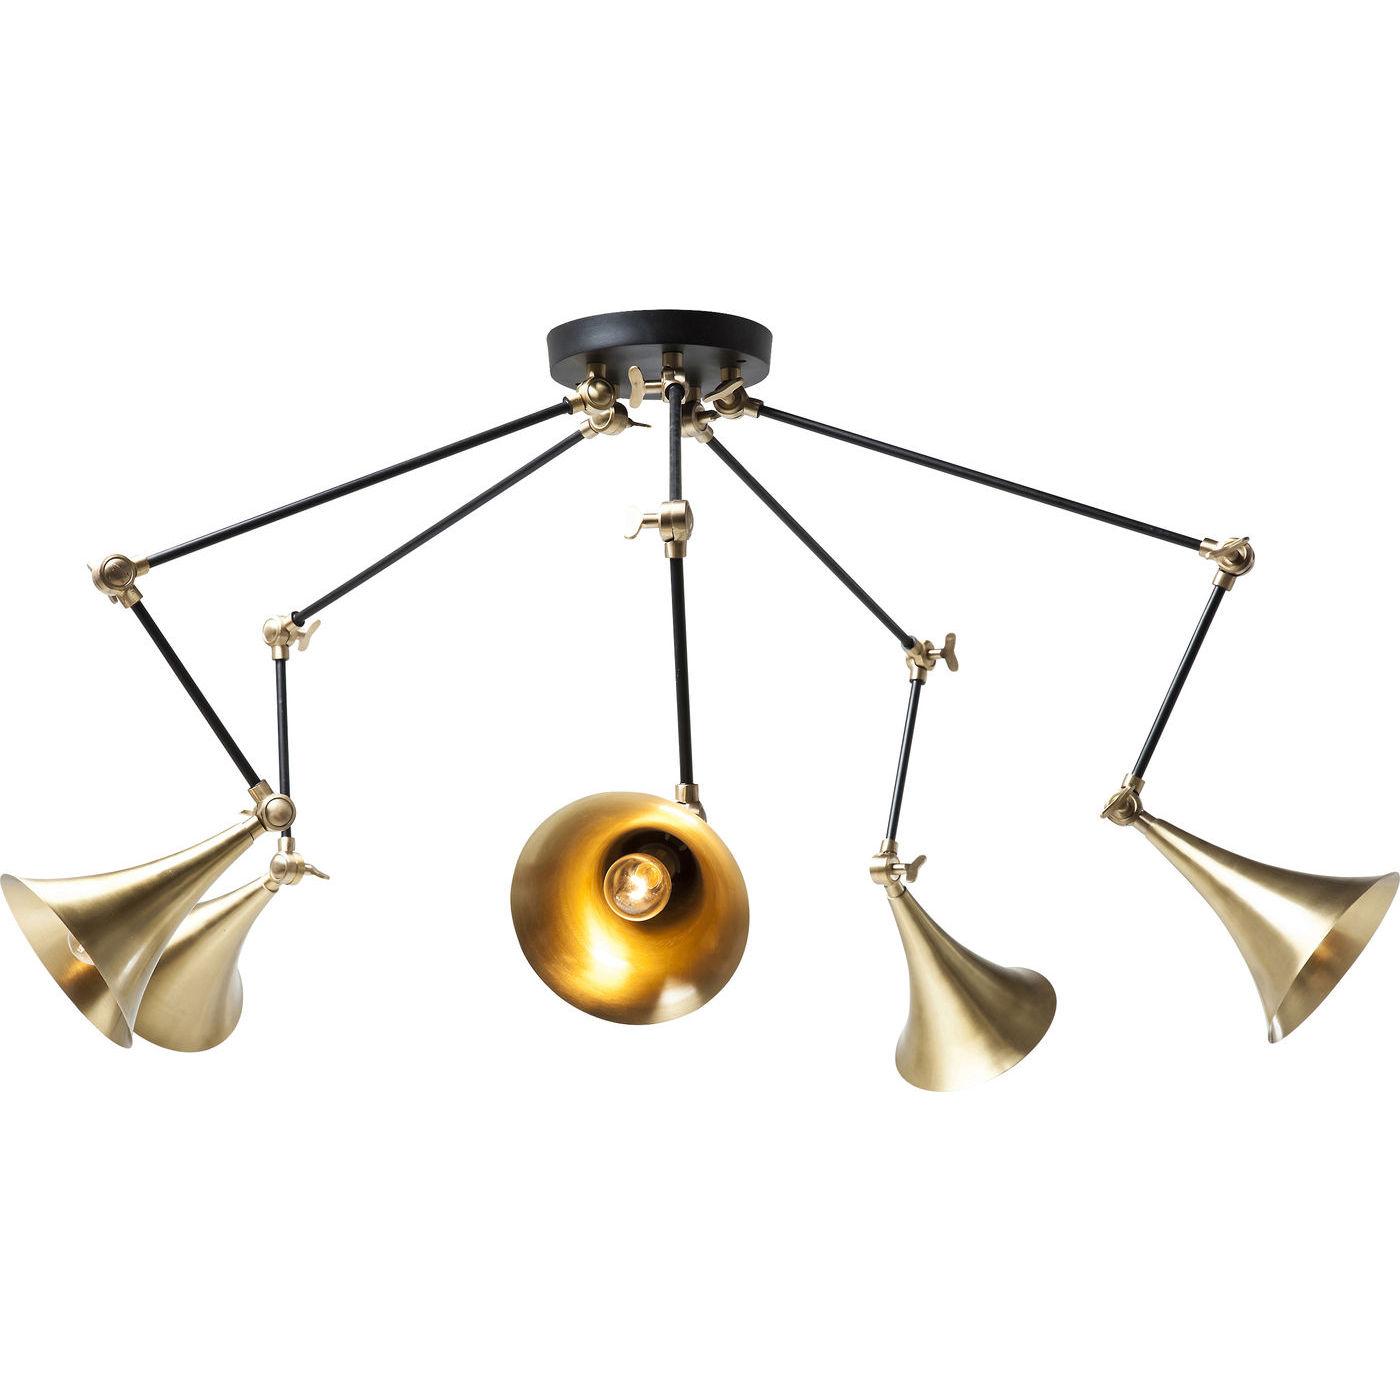 kare design Kare design trumpet brass spider 5-lite loftlampe - messing aluminium fra boboonline.dk